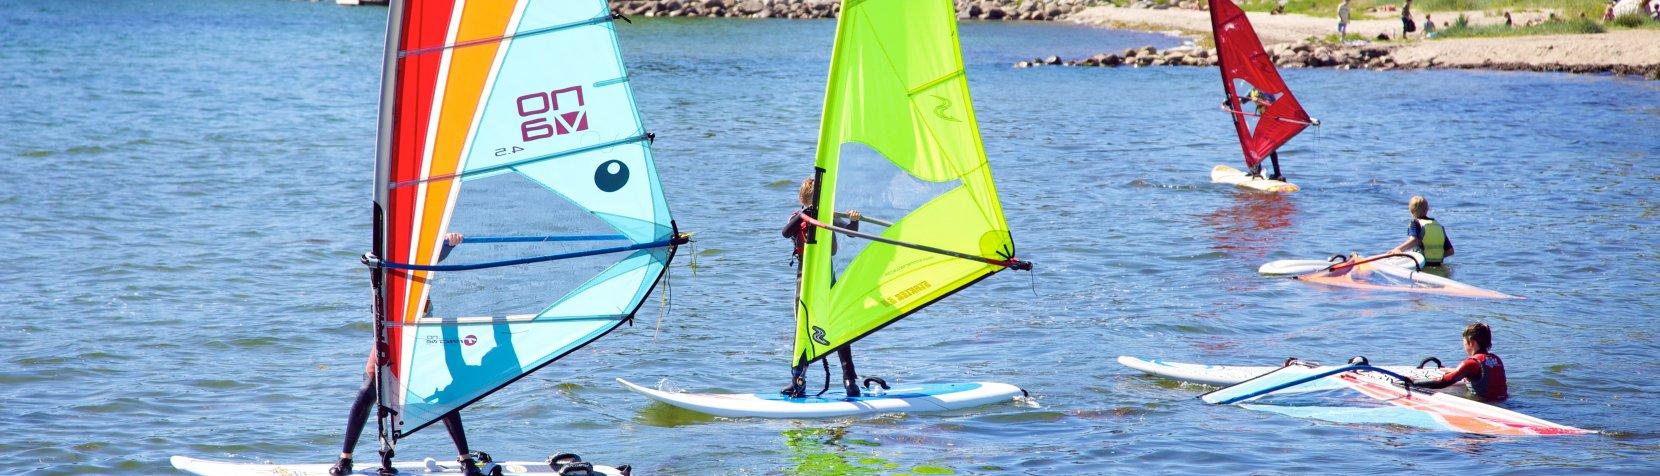 Foto: Sommerferieaktiviteter - windsurfing